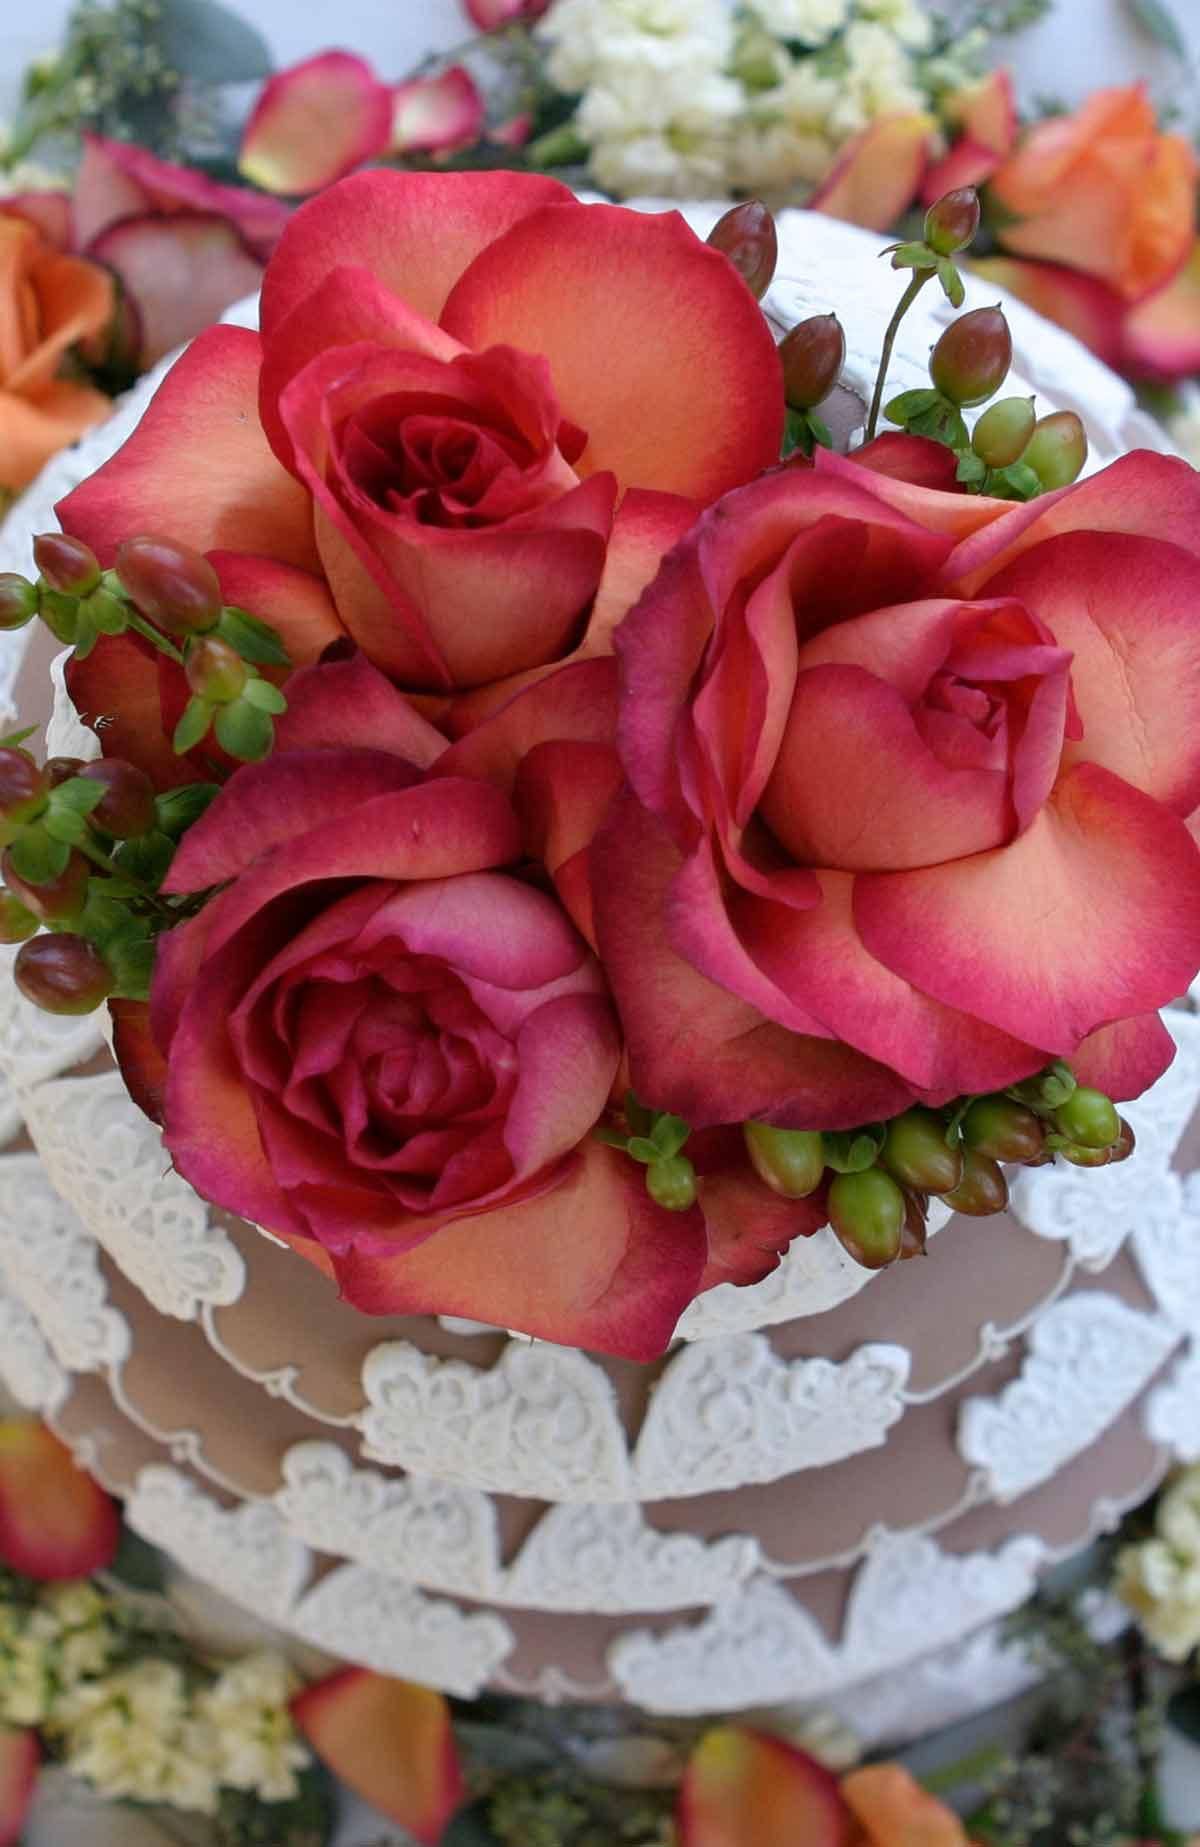 Bröllopstårta med rosor på Falkenberg Strandbad